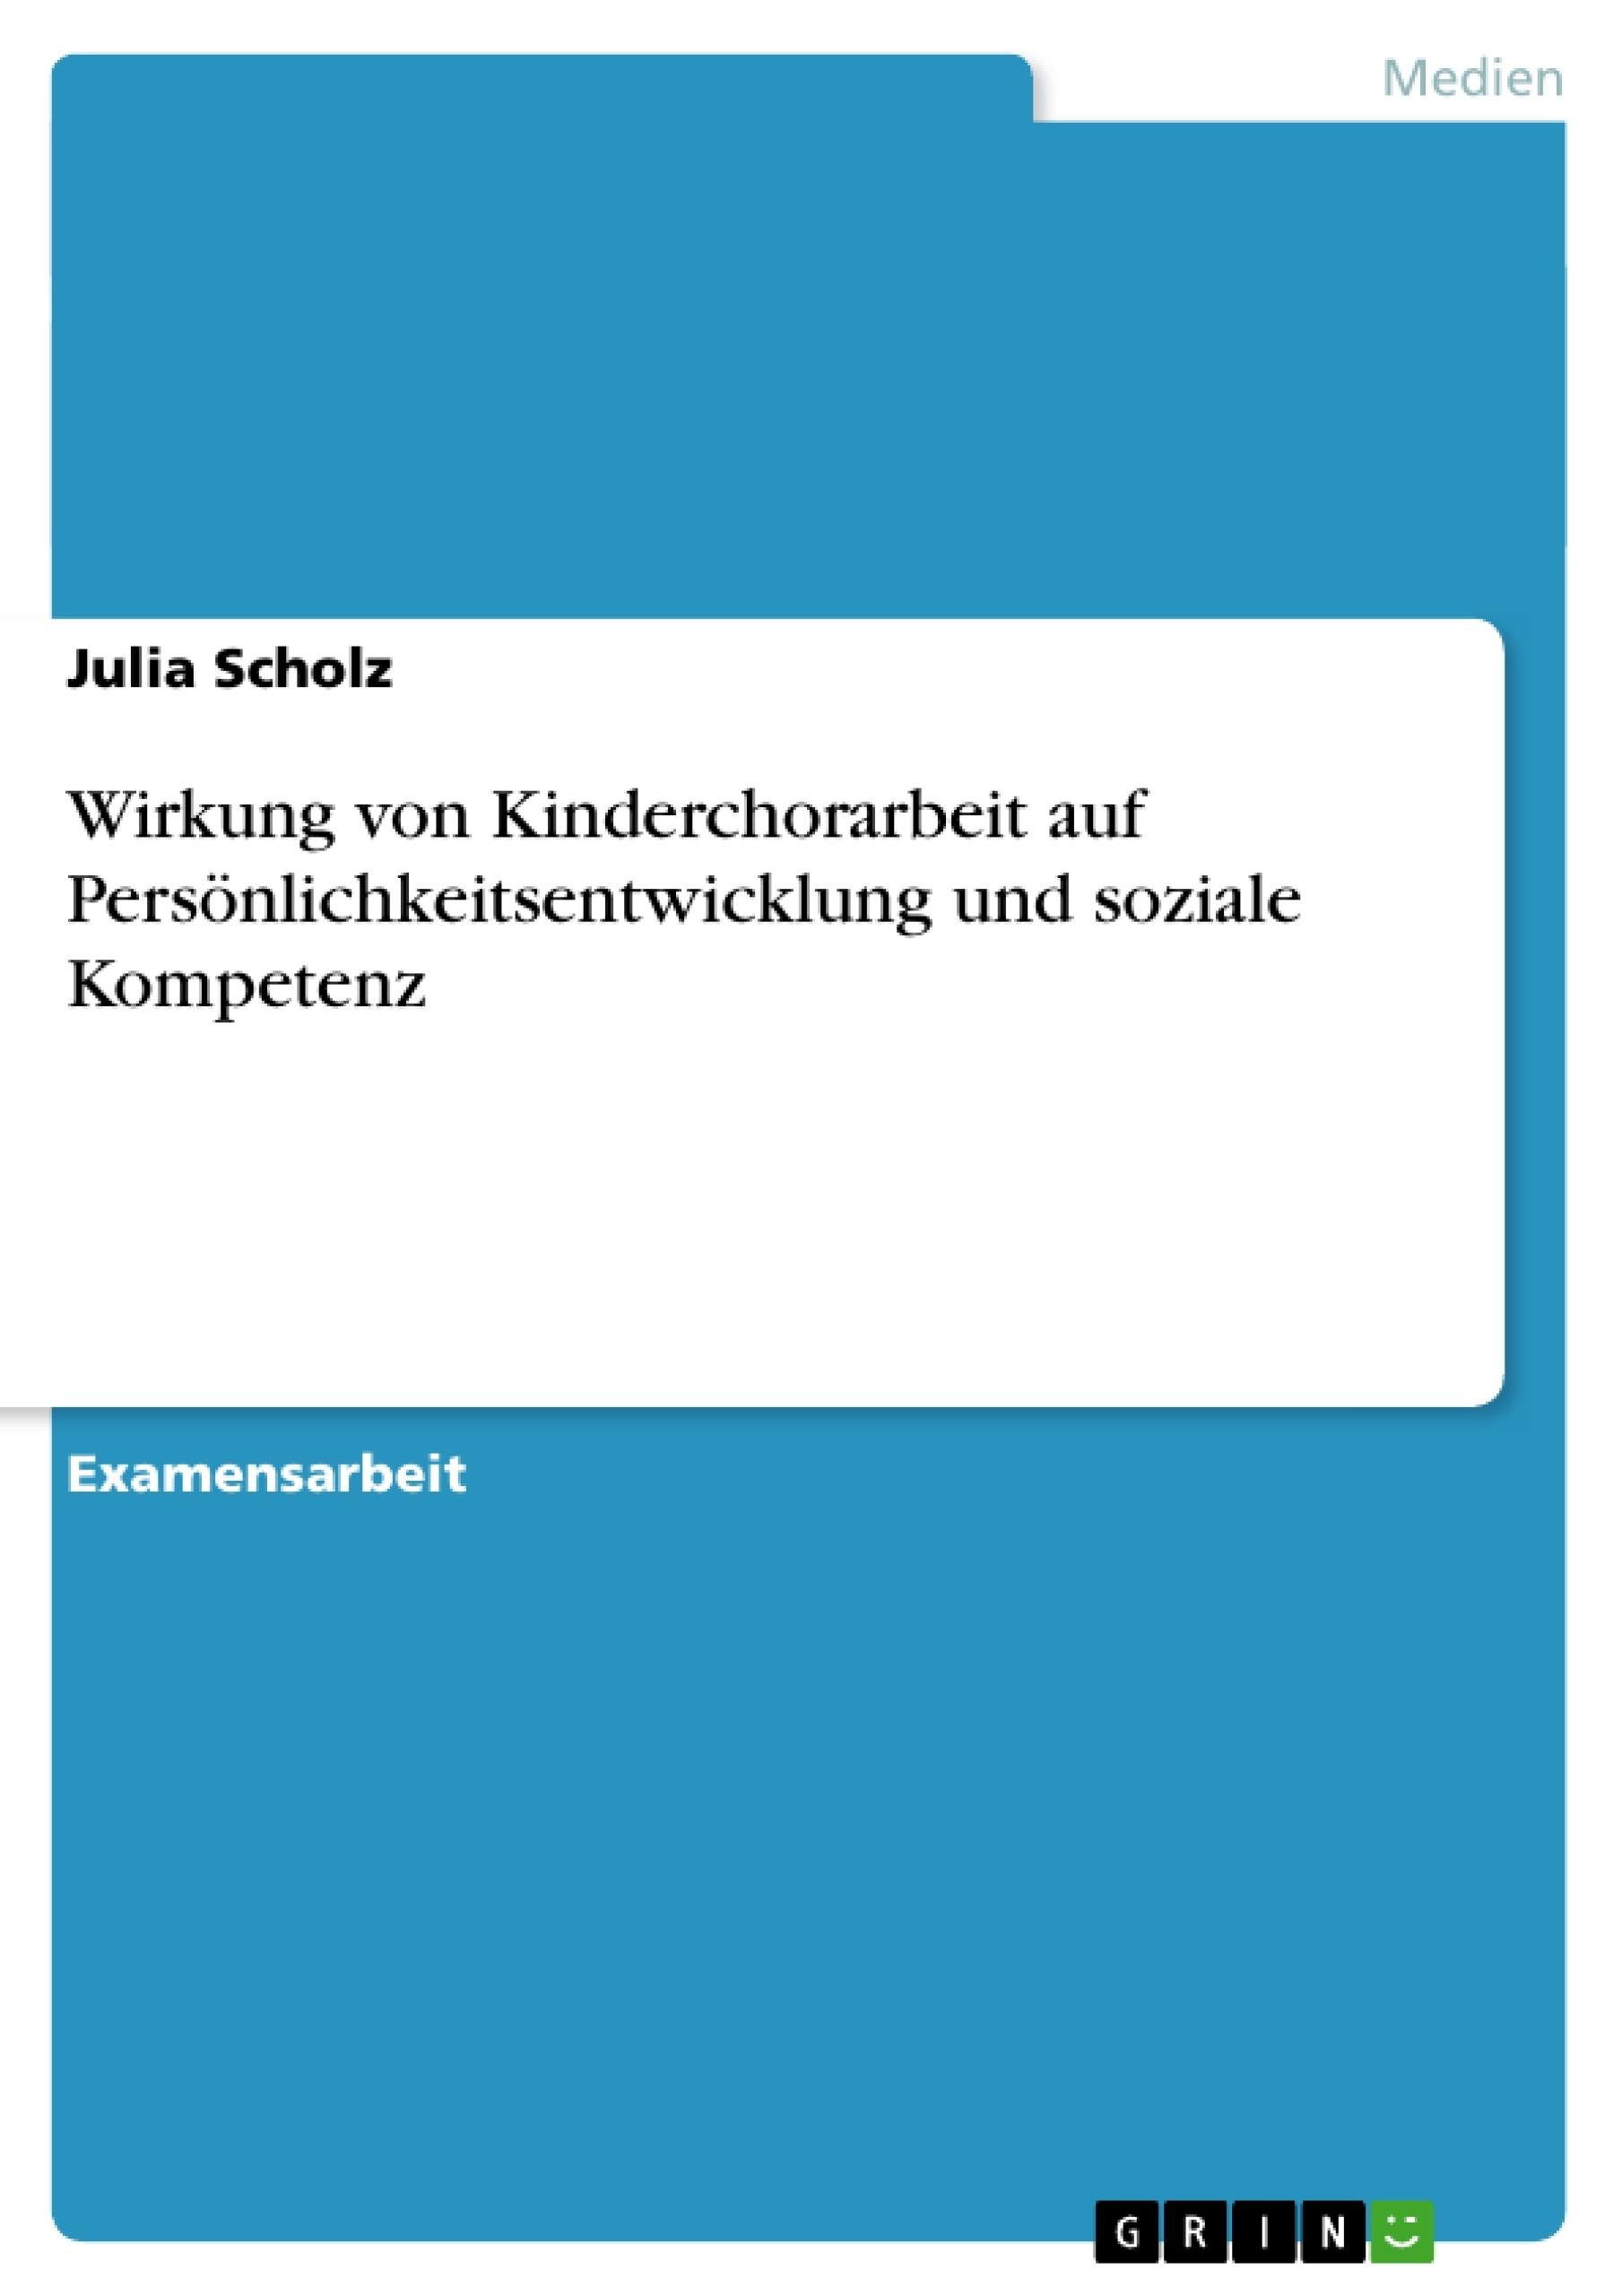 Titel: Wirkung von Kinderchorarbeit auf Persönlichkeitsentwicklung und soziale Kompetenz